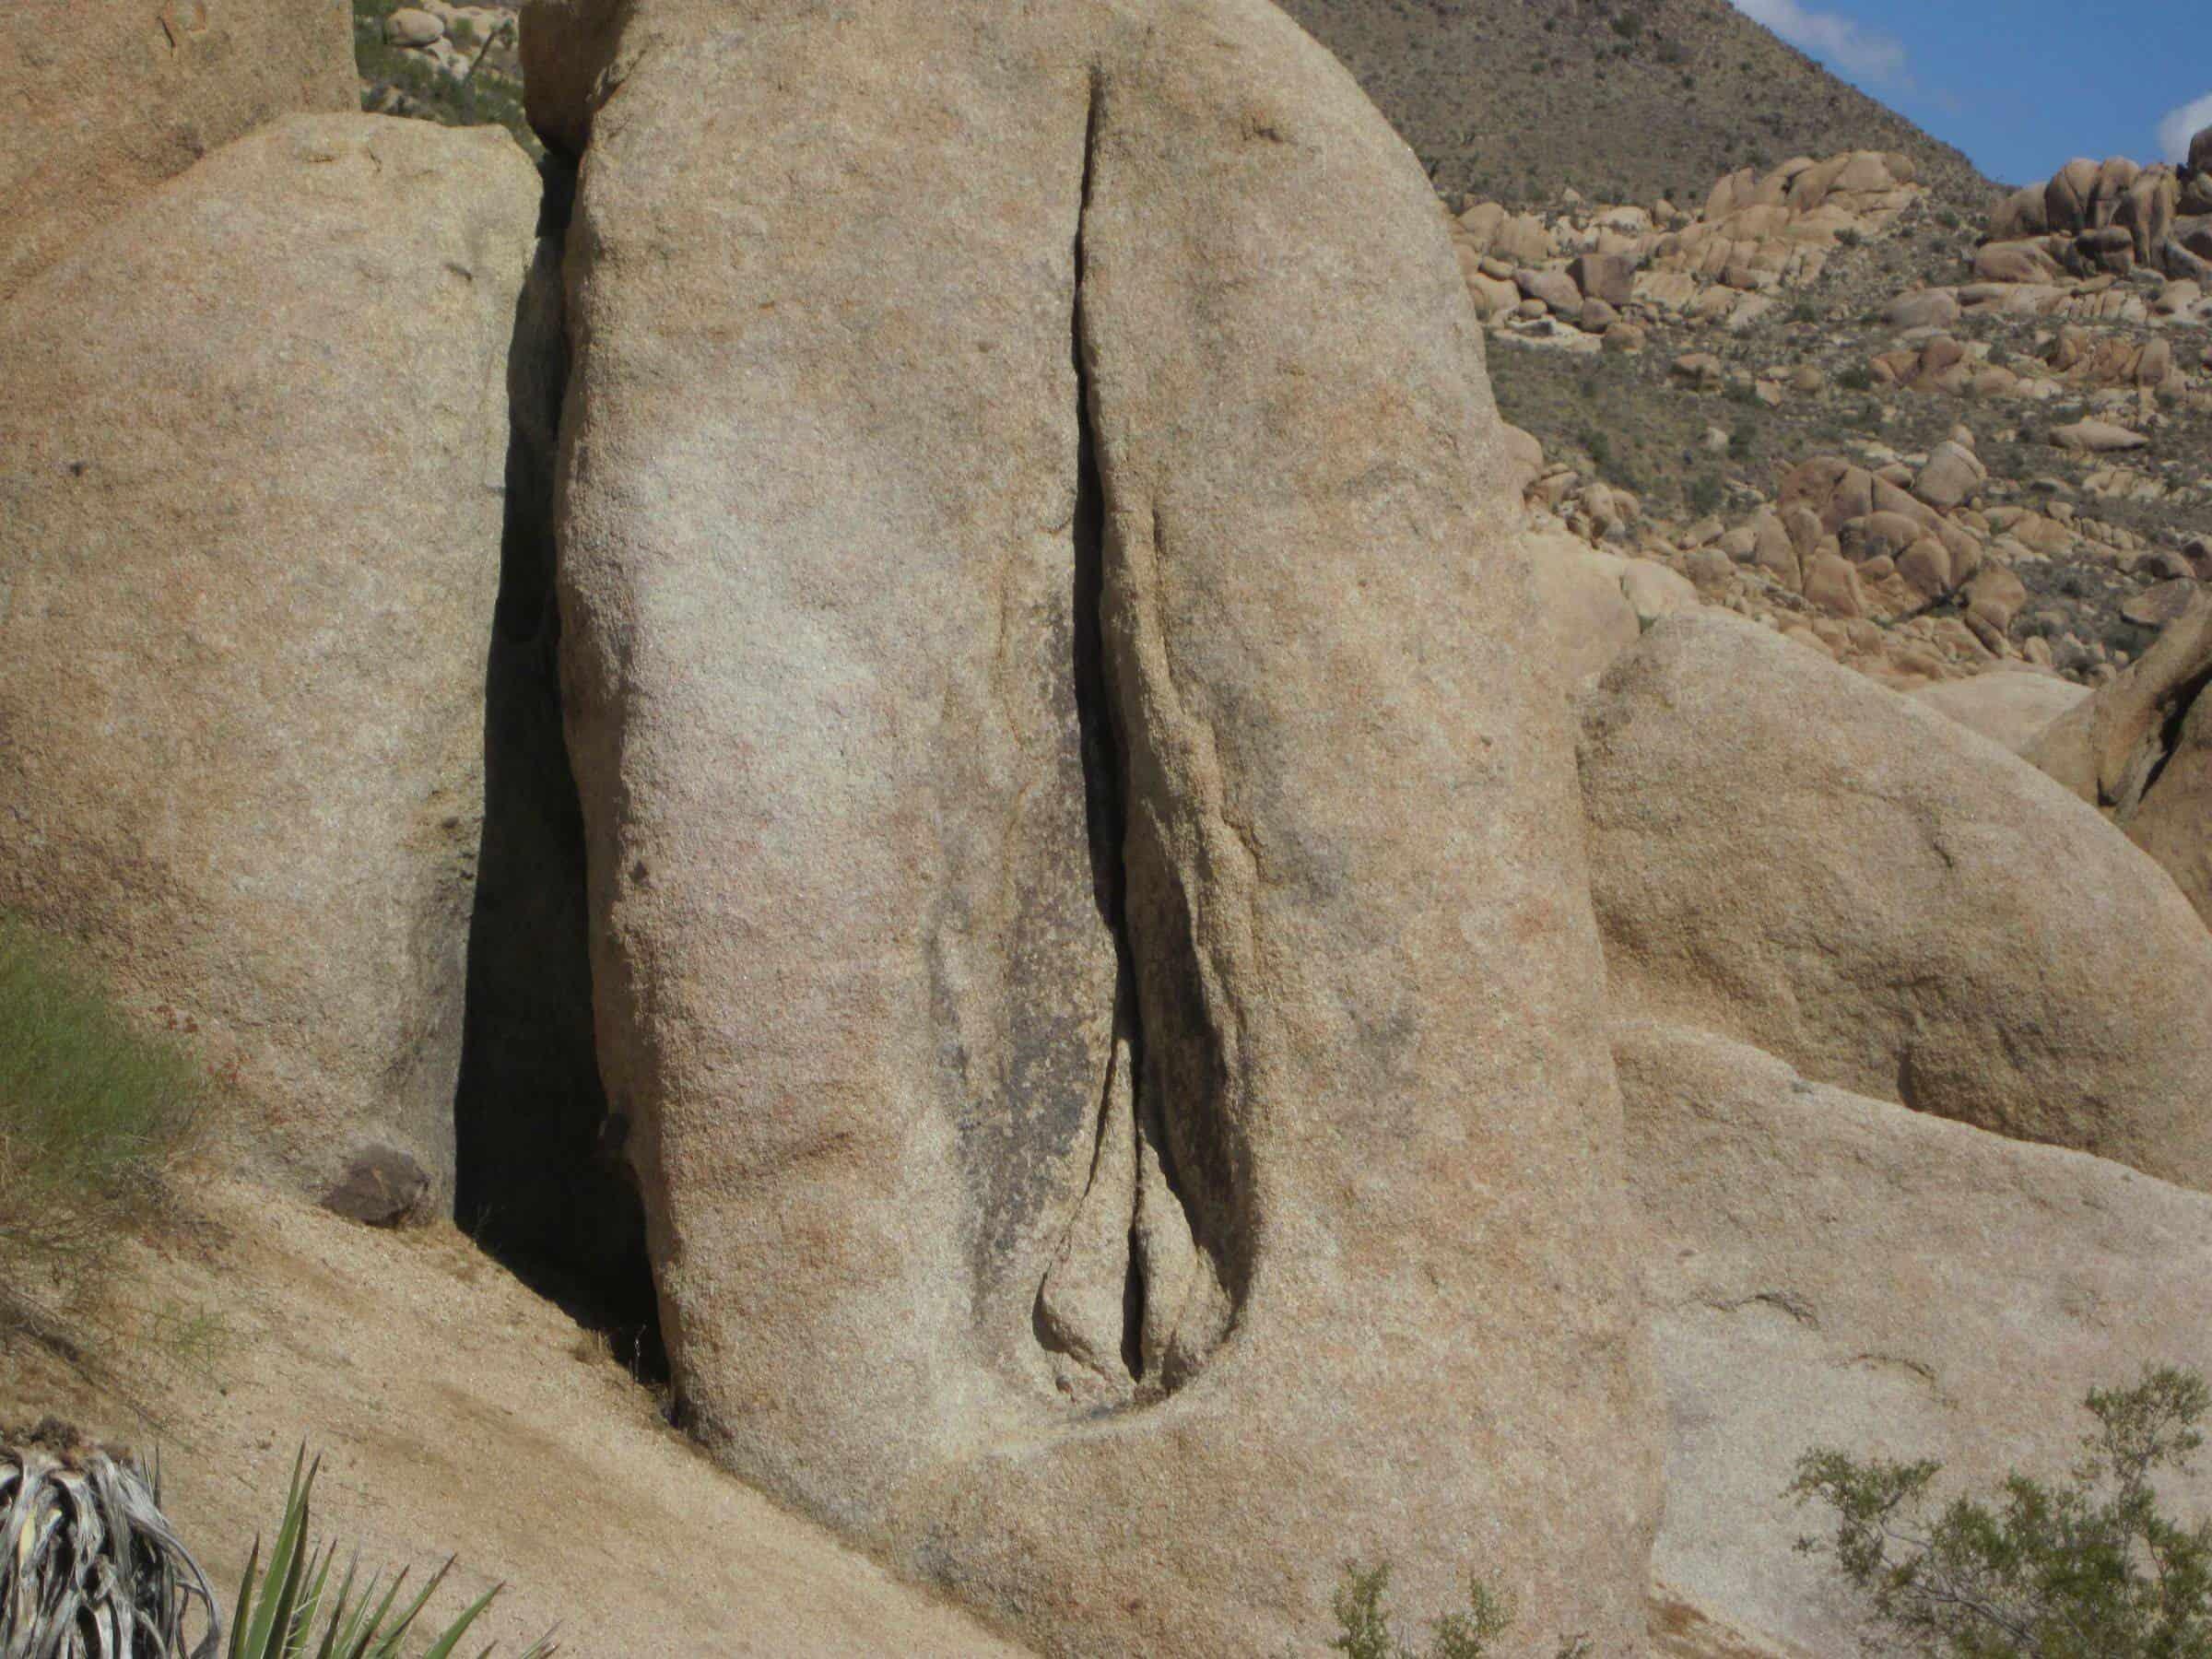 Queen of the desert rock